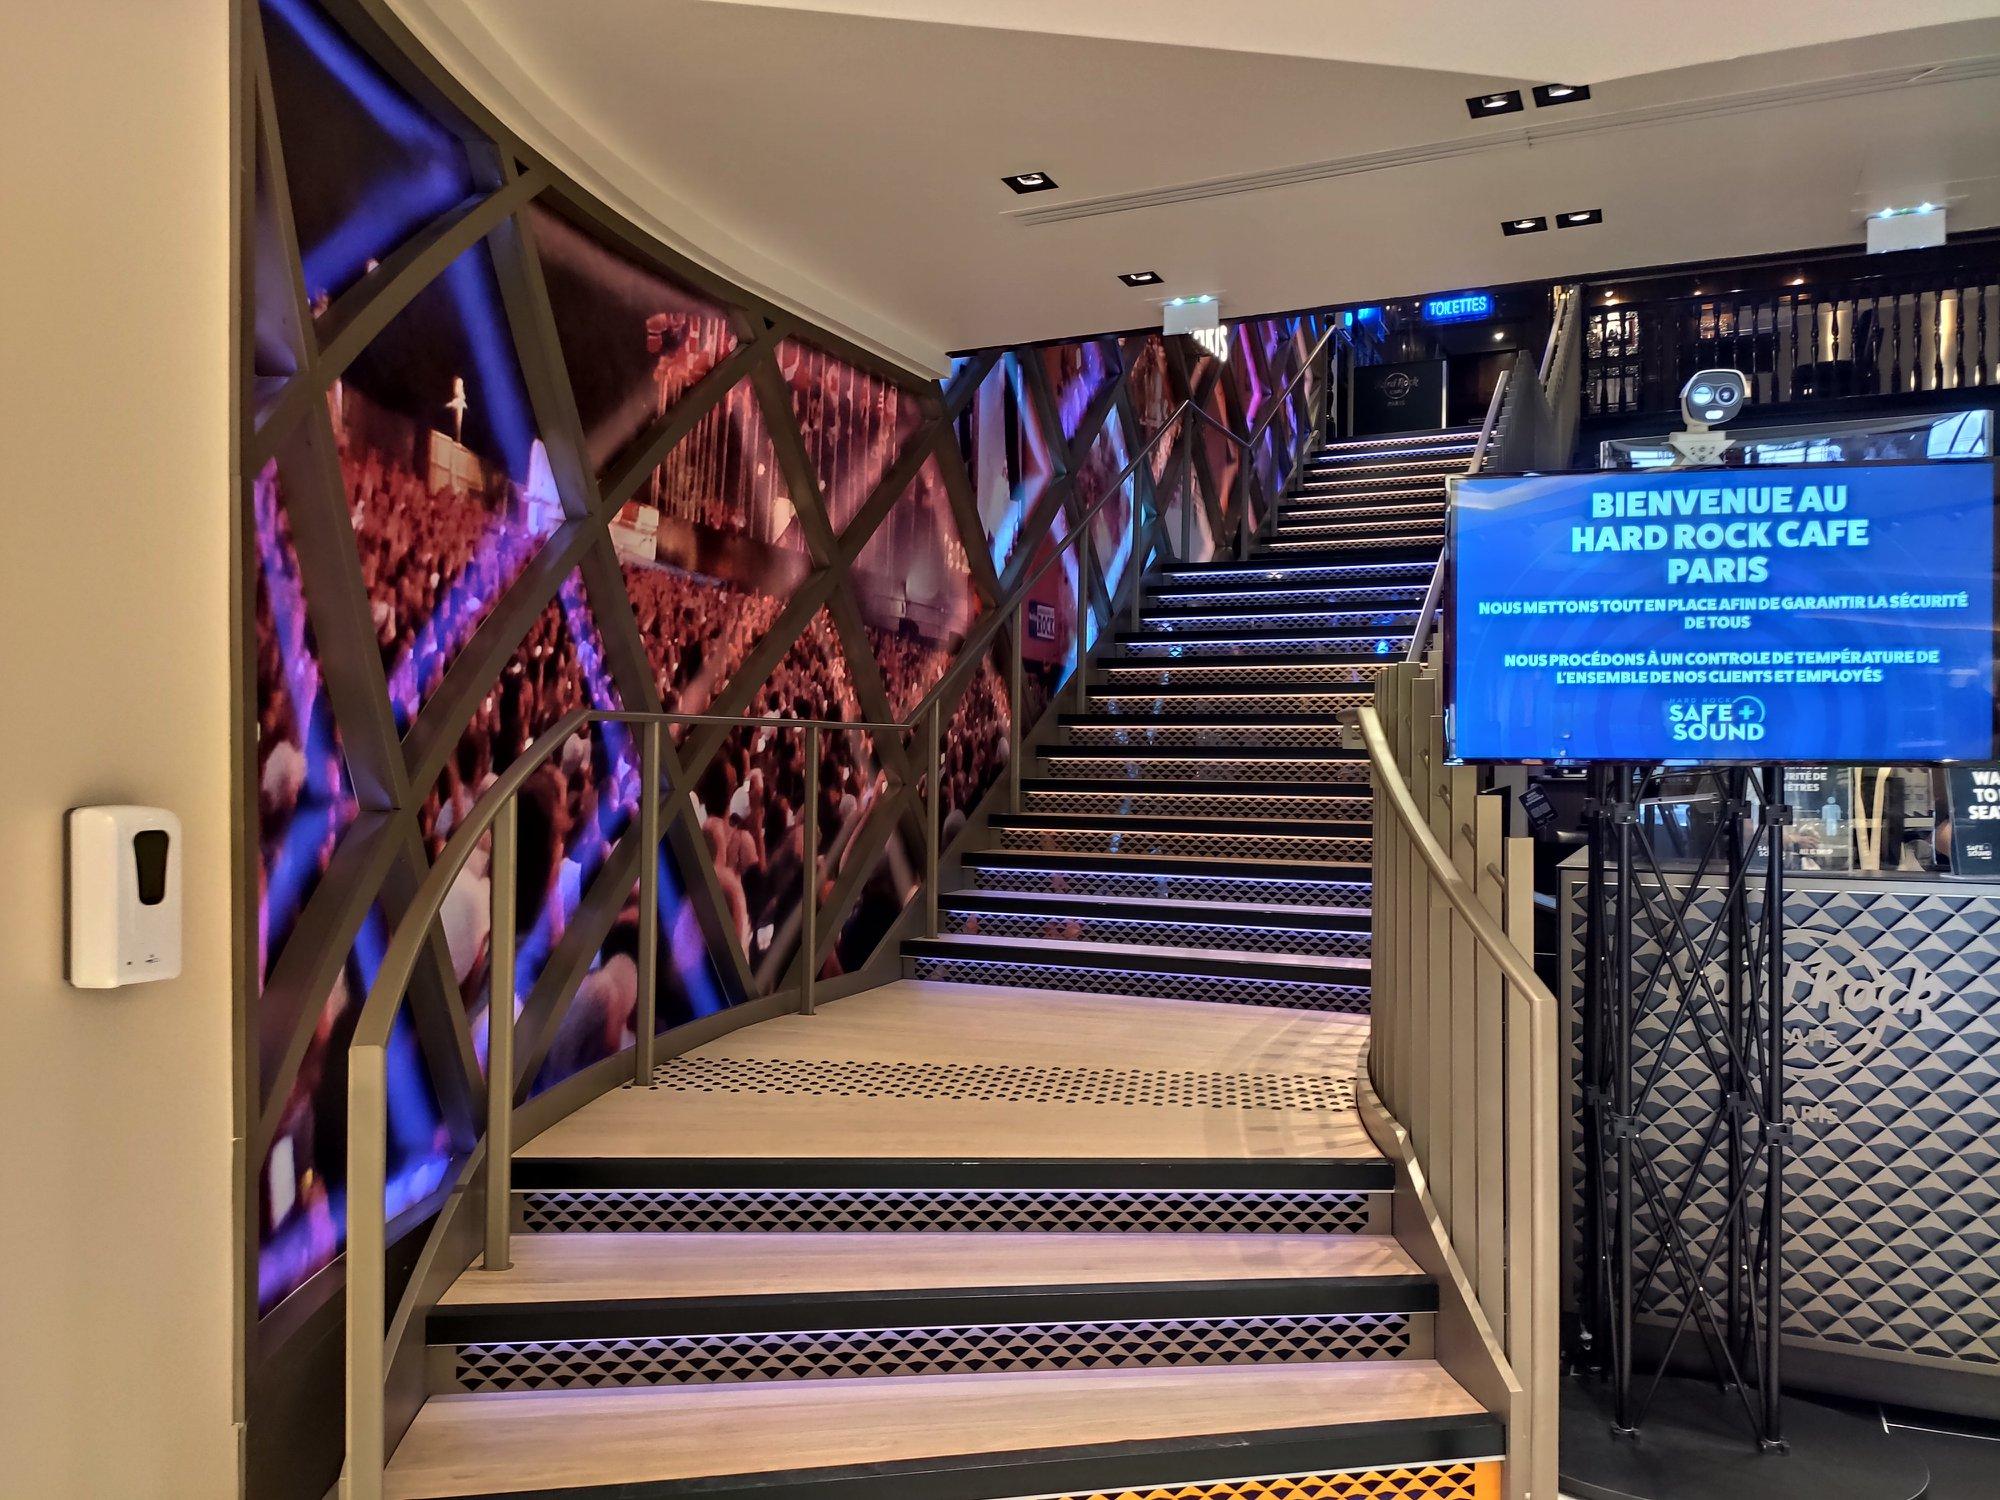 Hard Rock Cafe Paris - Nouvel escalier après rénovation